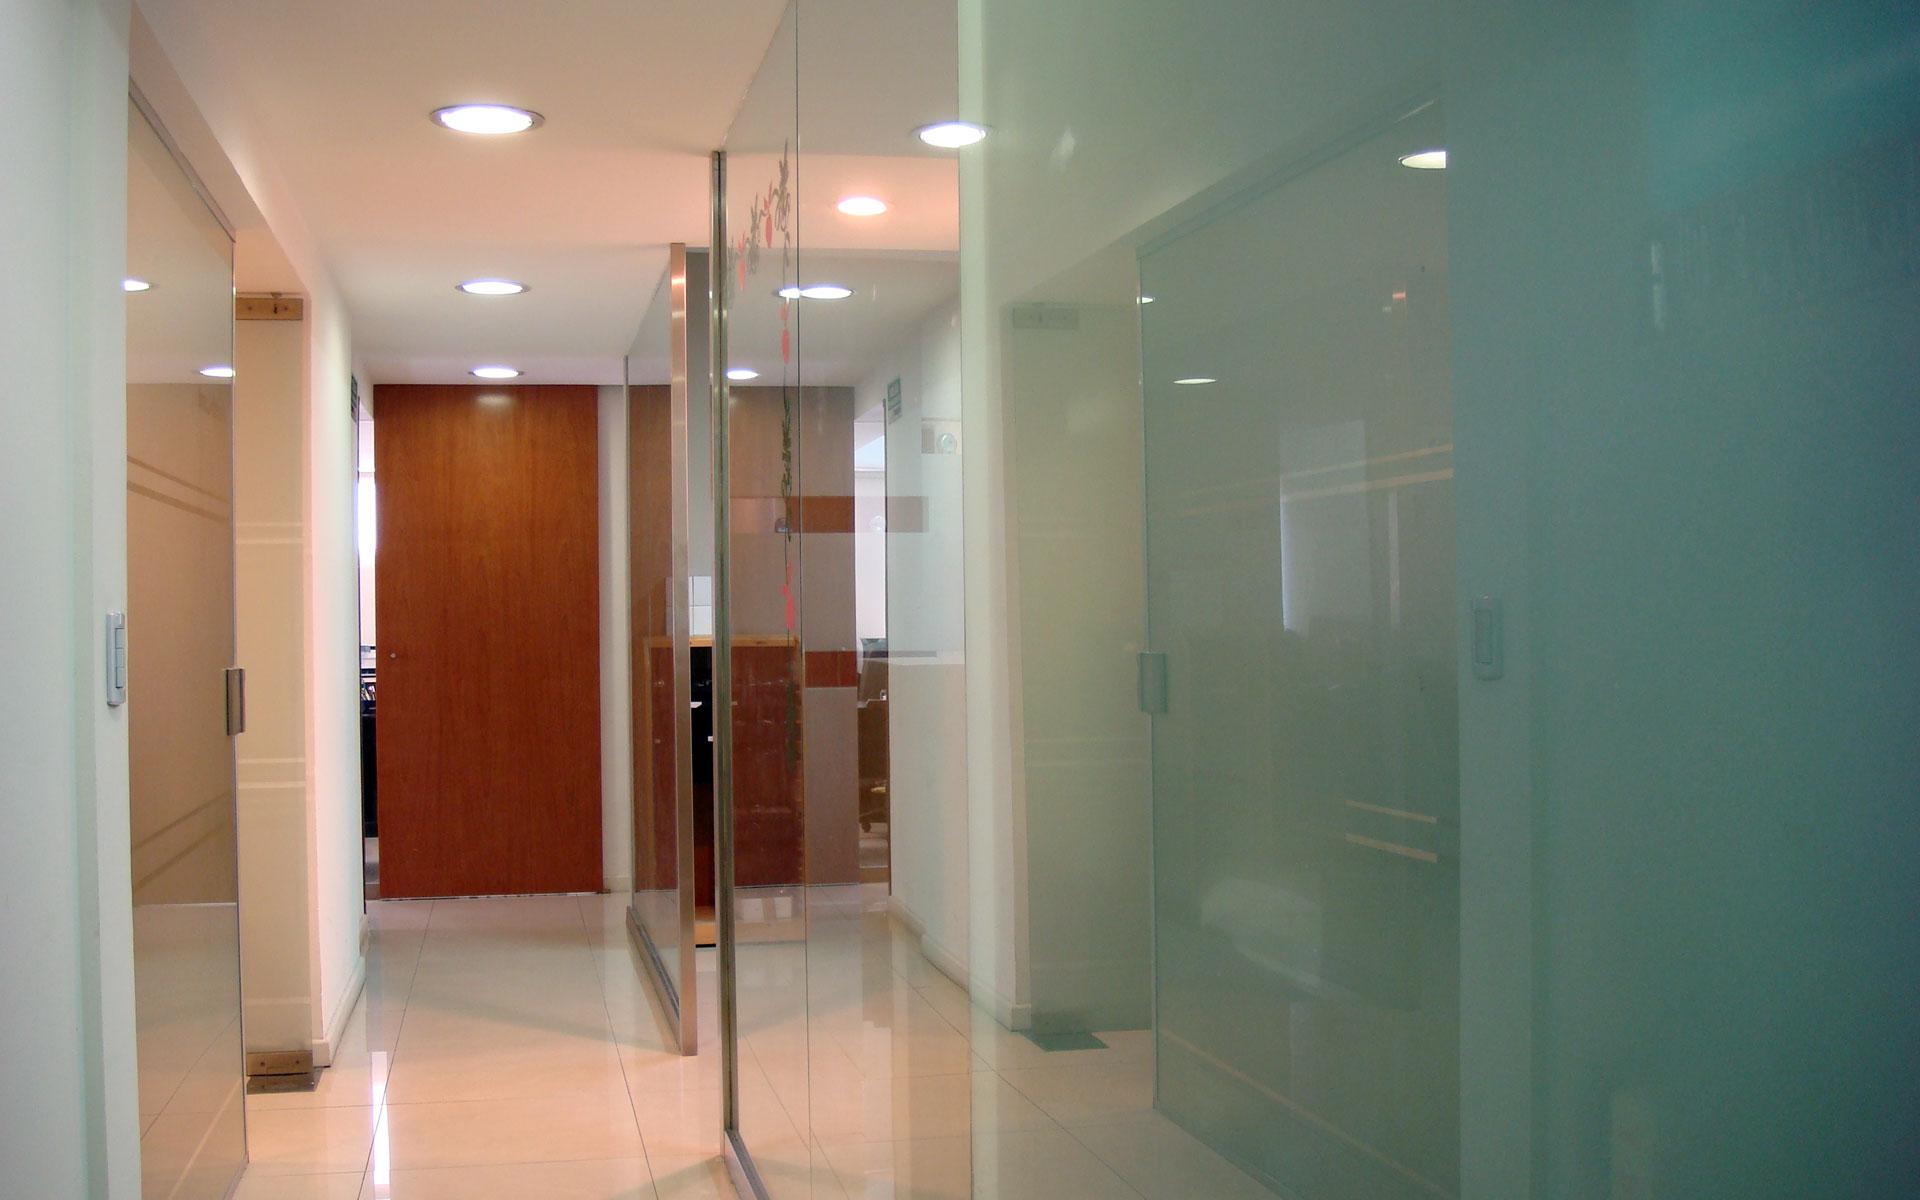 Diseño interior, reforma oficina, circulación accesos, papelería de vidrio templado y acero inoxidable